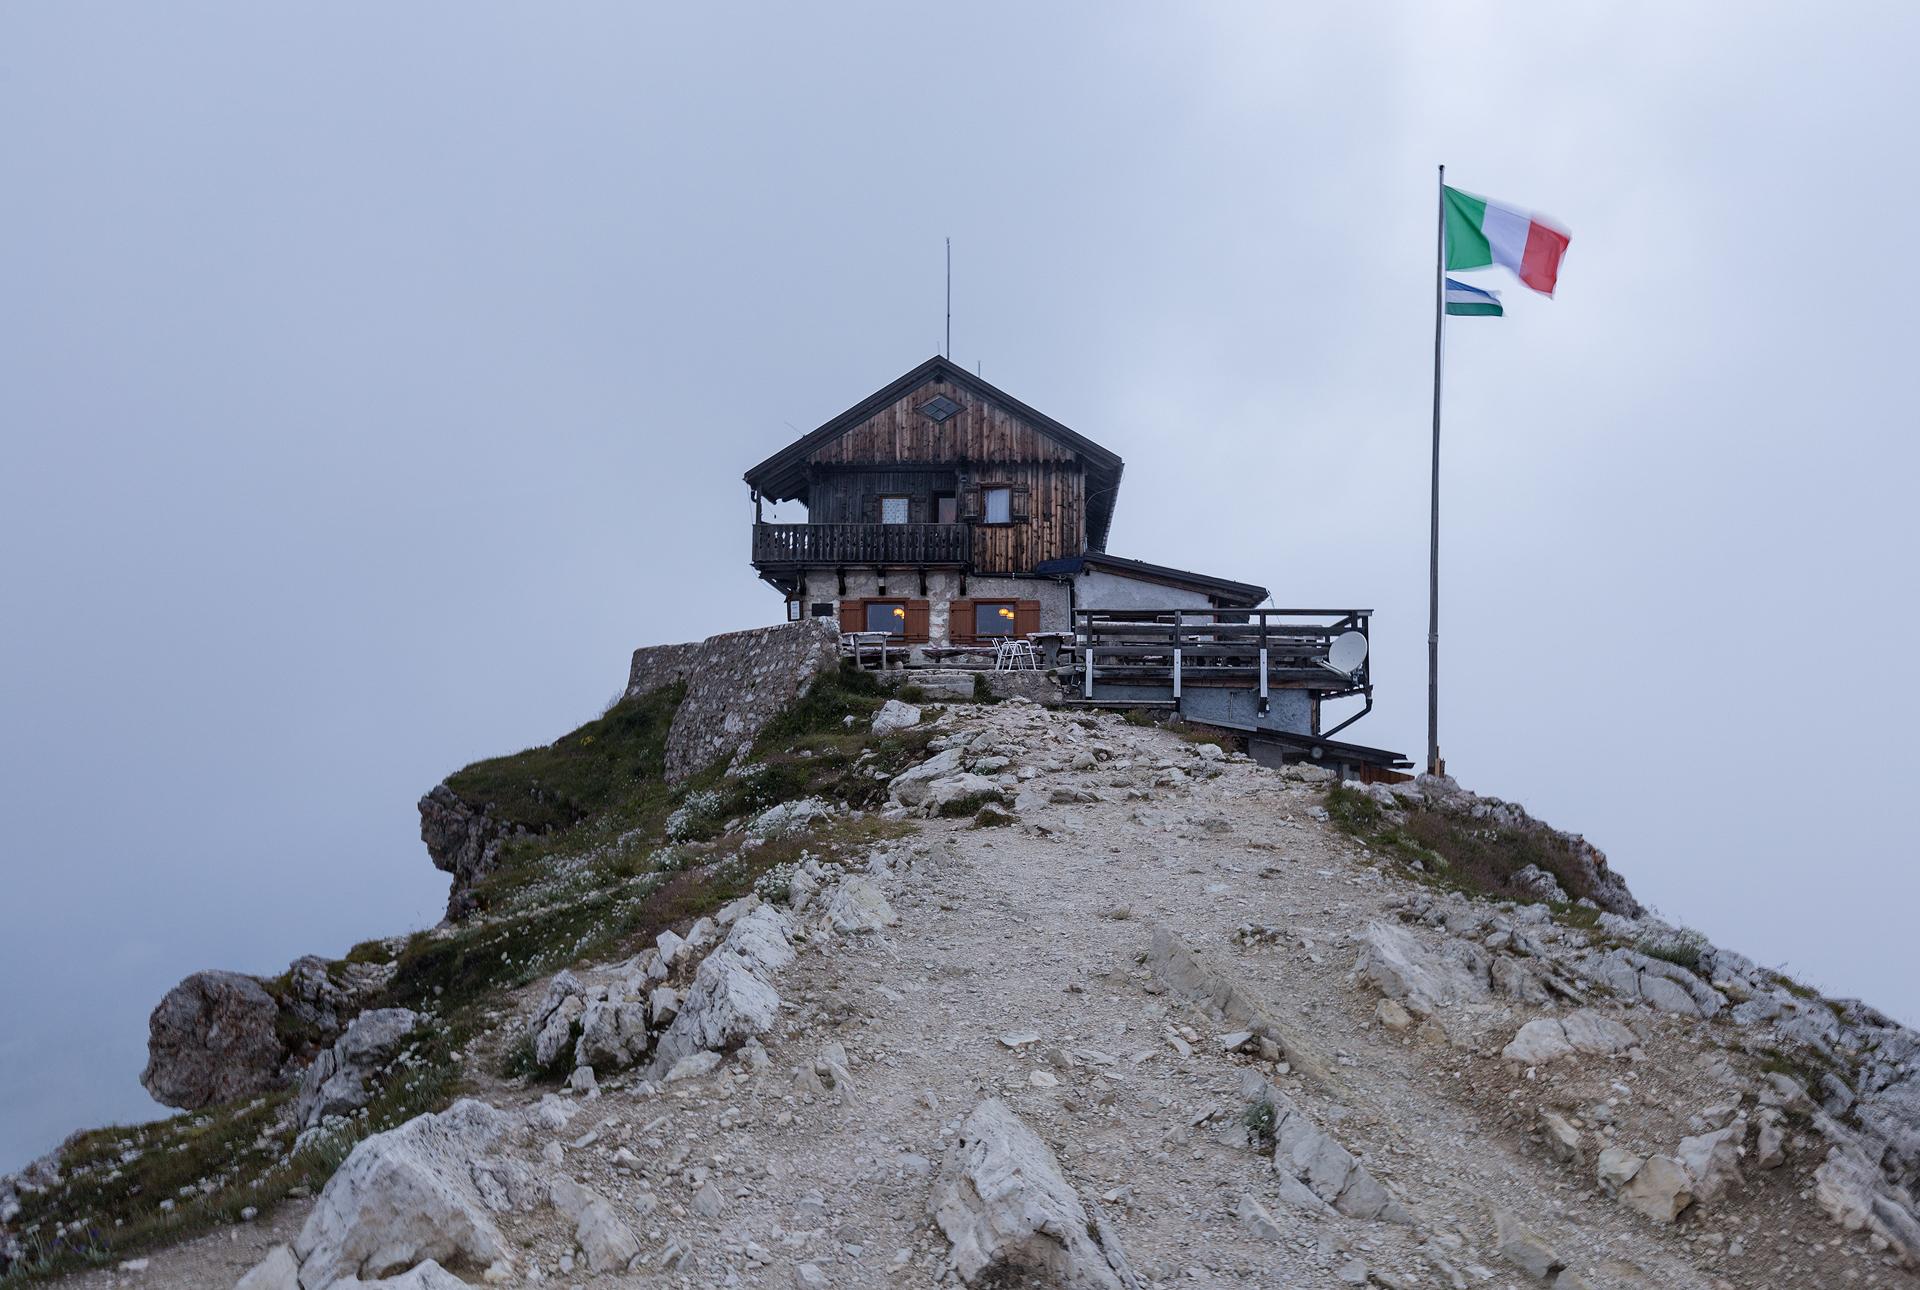 """Rifugio Nuvolau - named after the Italian word for cloud, """"la nuvola"""""""